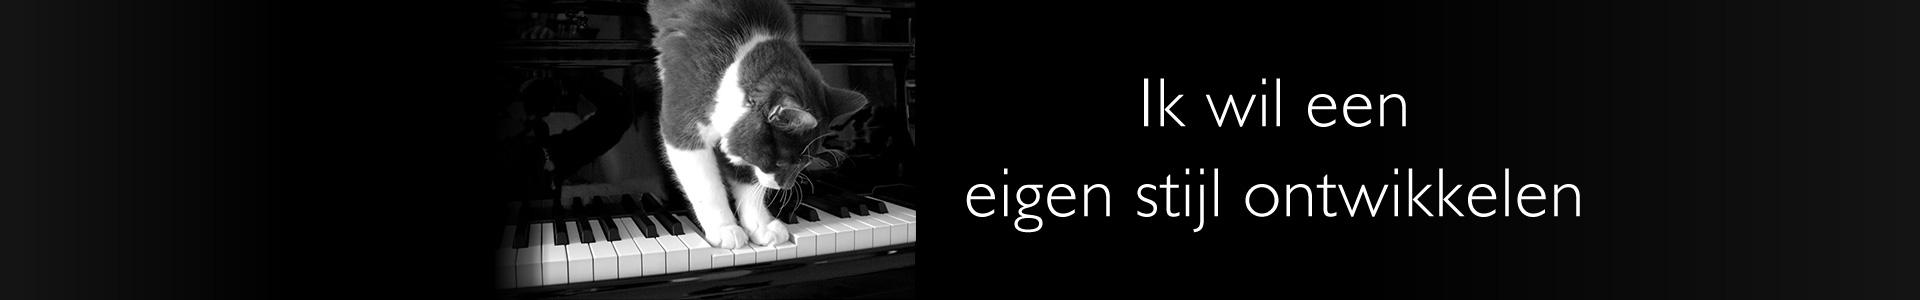 Piano improvisatie, een eigen stijl ontwikkelen